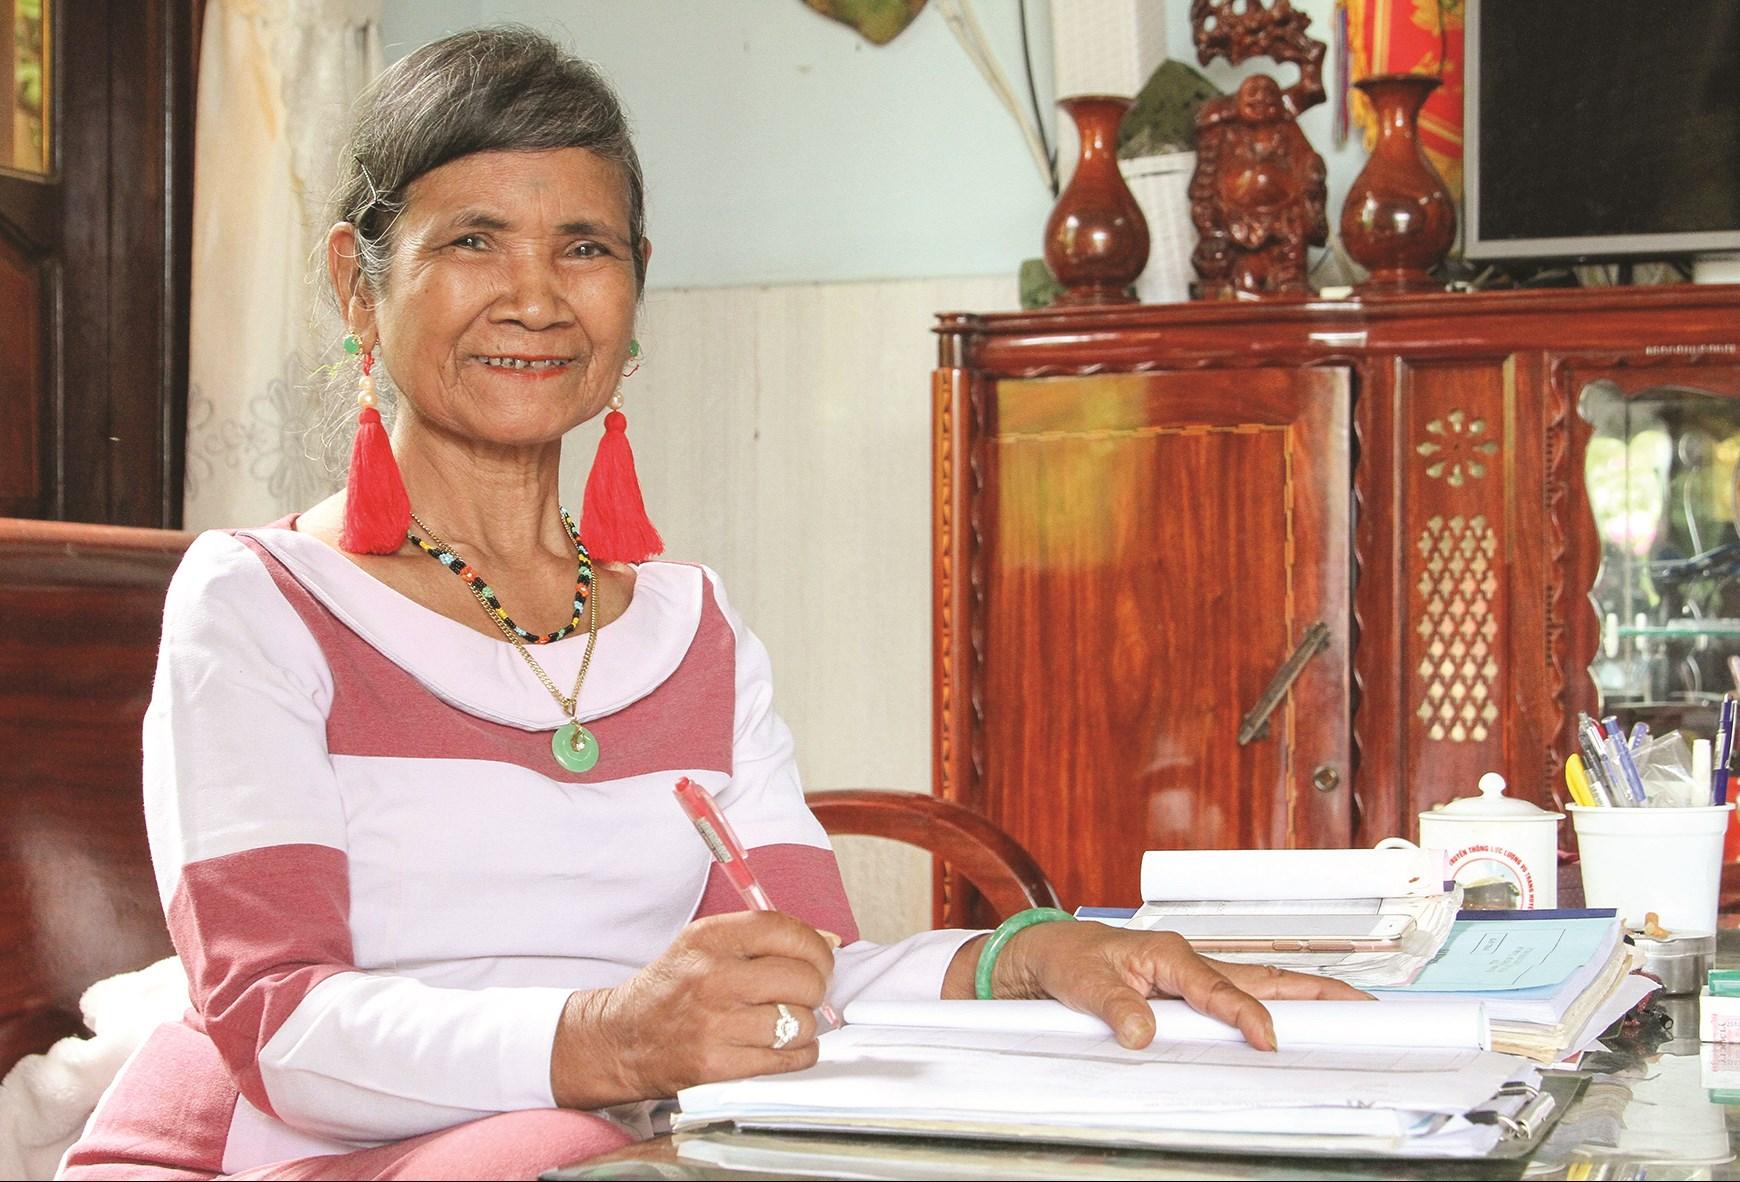 Ở tuổi 72, nhưng hằng ngày, bà Mẫu Thị Bích Phanh vẫn miệt mài nghiên cứu văn hóa Raglay.